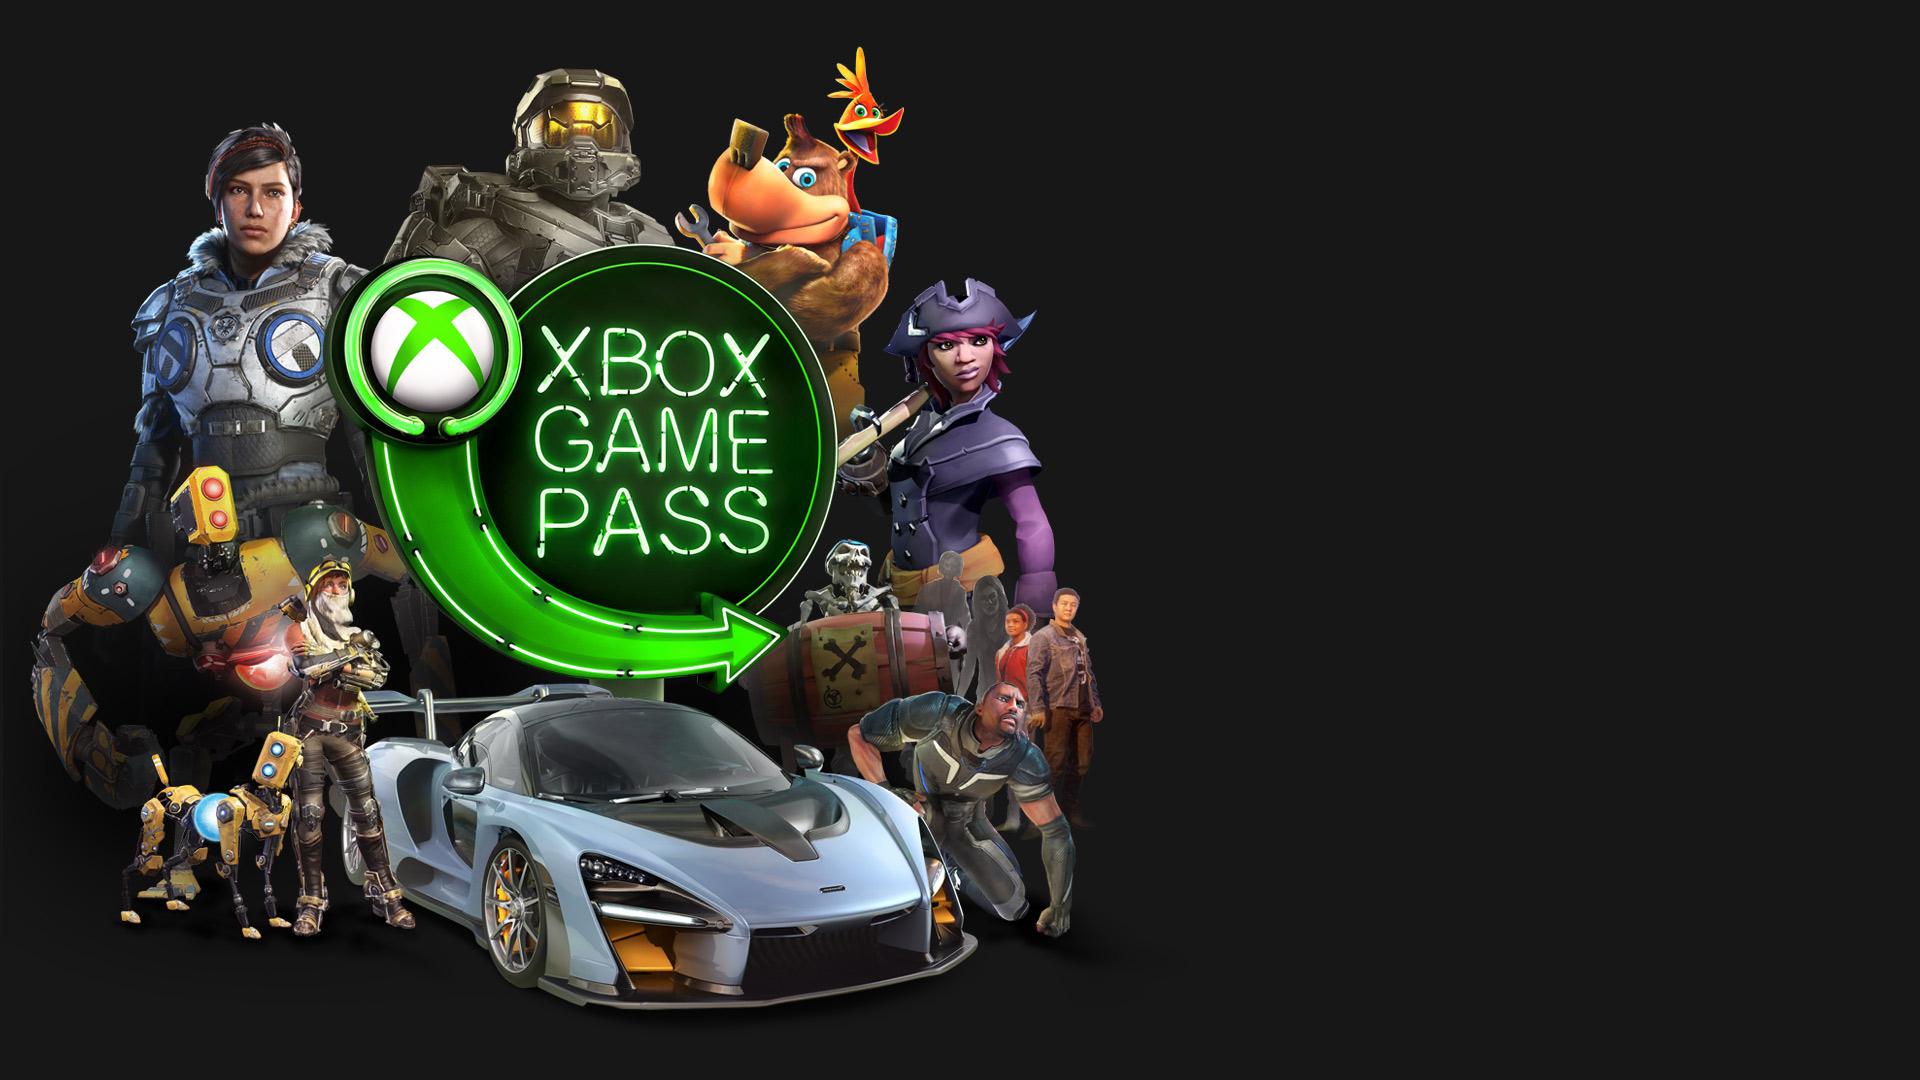 Varios personajes de los videojuegos rodeados del logotipo de Xbox Game Pass de color neón verde.